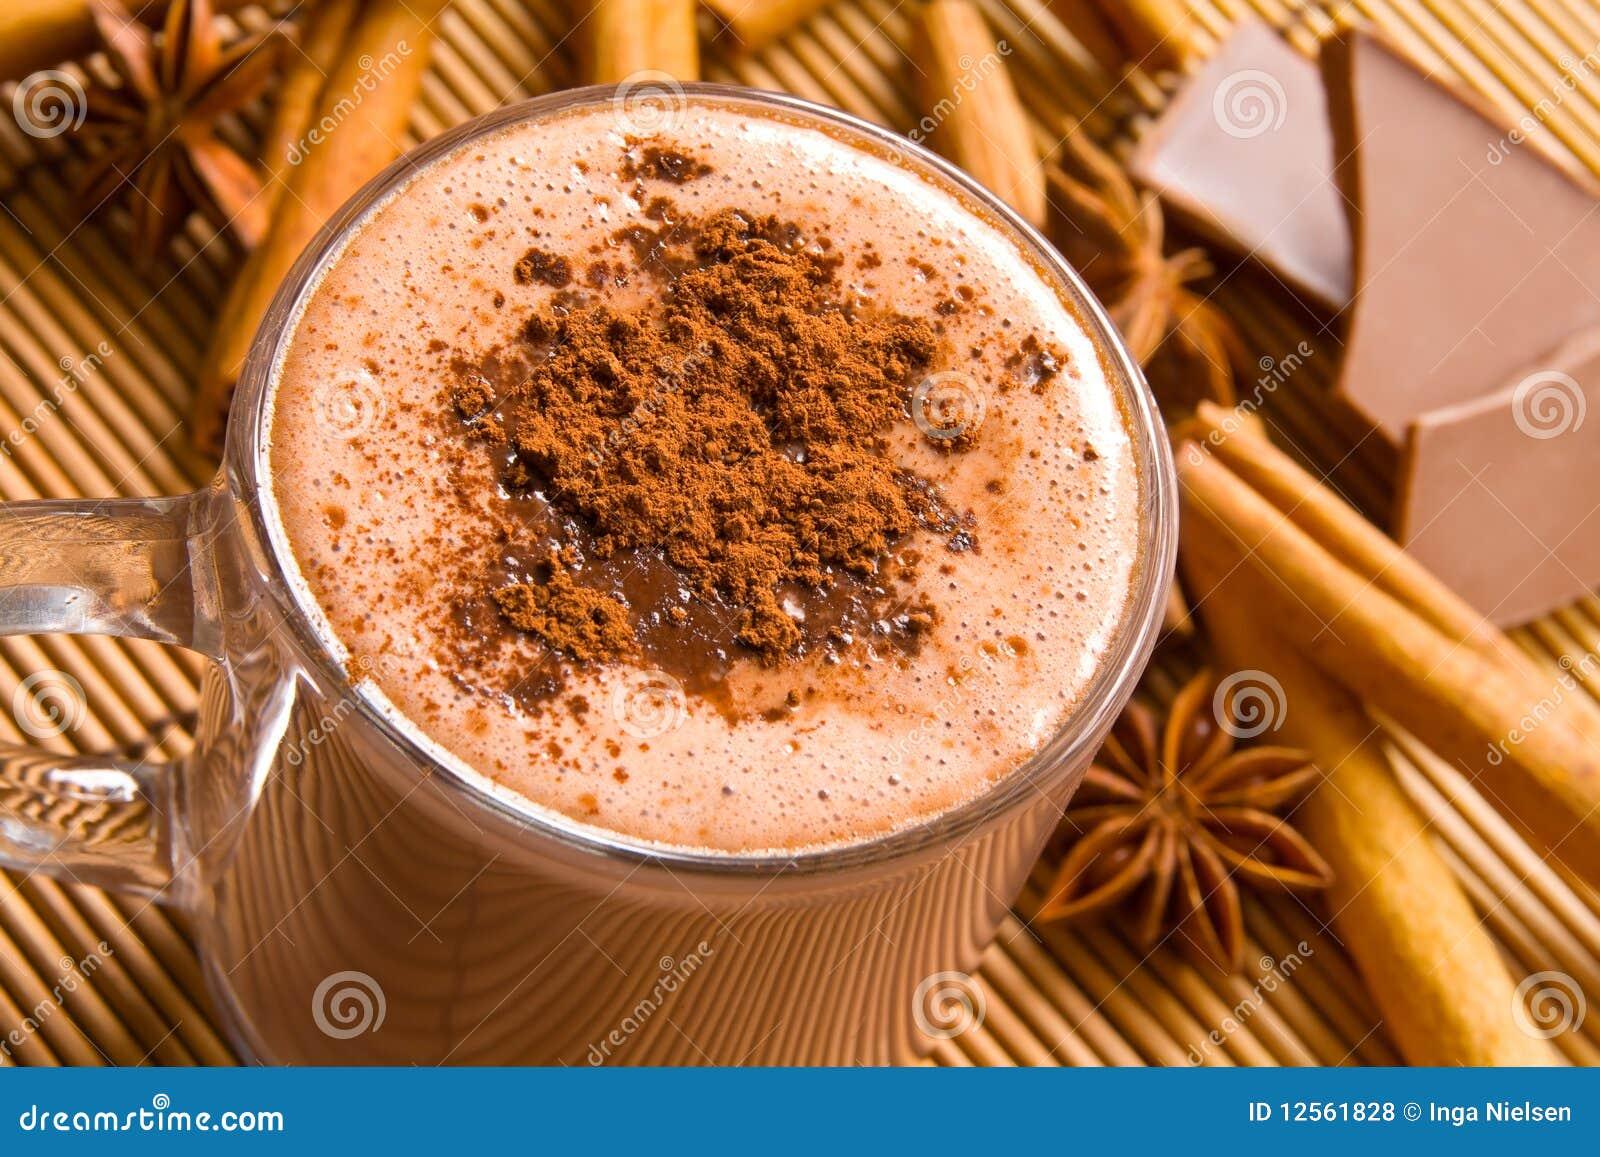 Heiße Schokolade und Gewürze